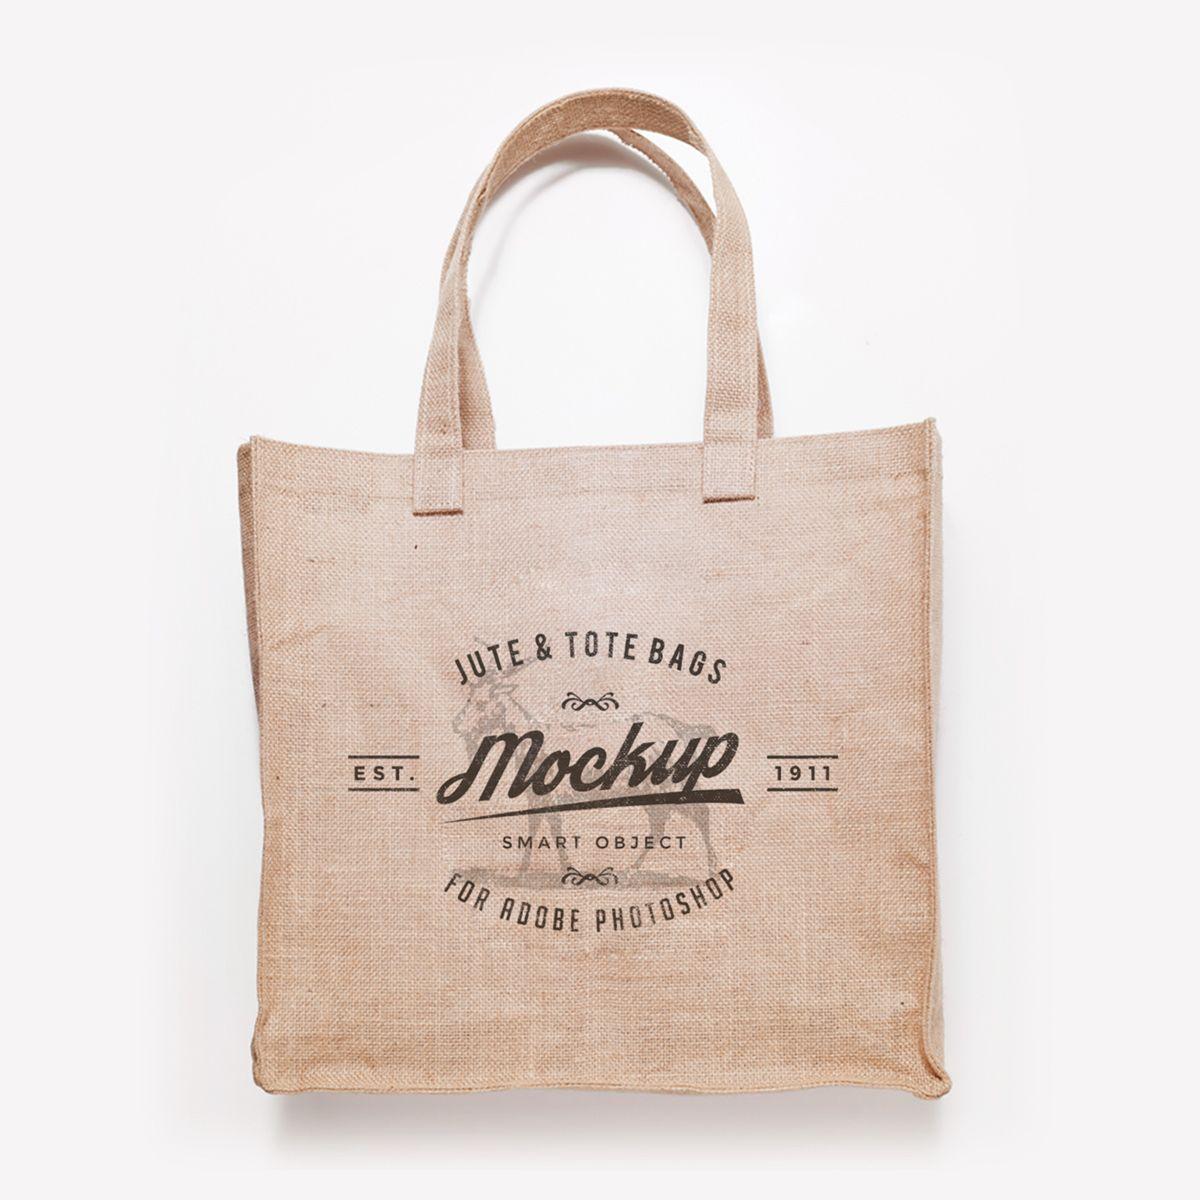 Download 3 Jute Tote Bags Mock Up Freebie On Behance Jute Tote Bags Jute Totes Jute Bags